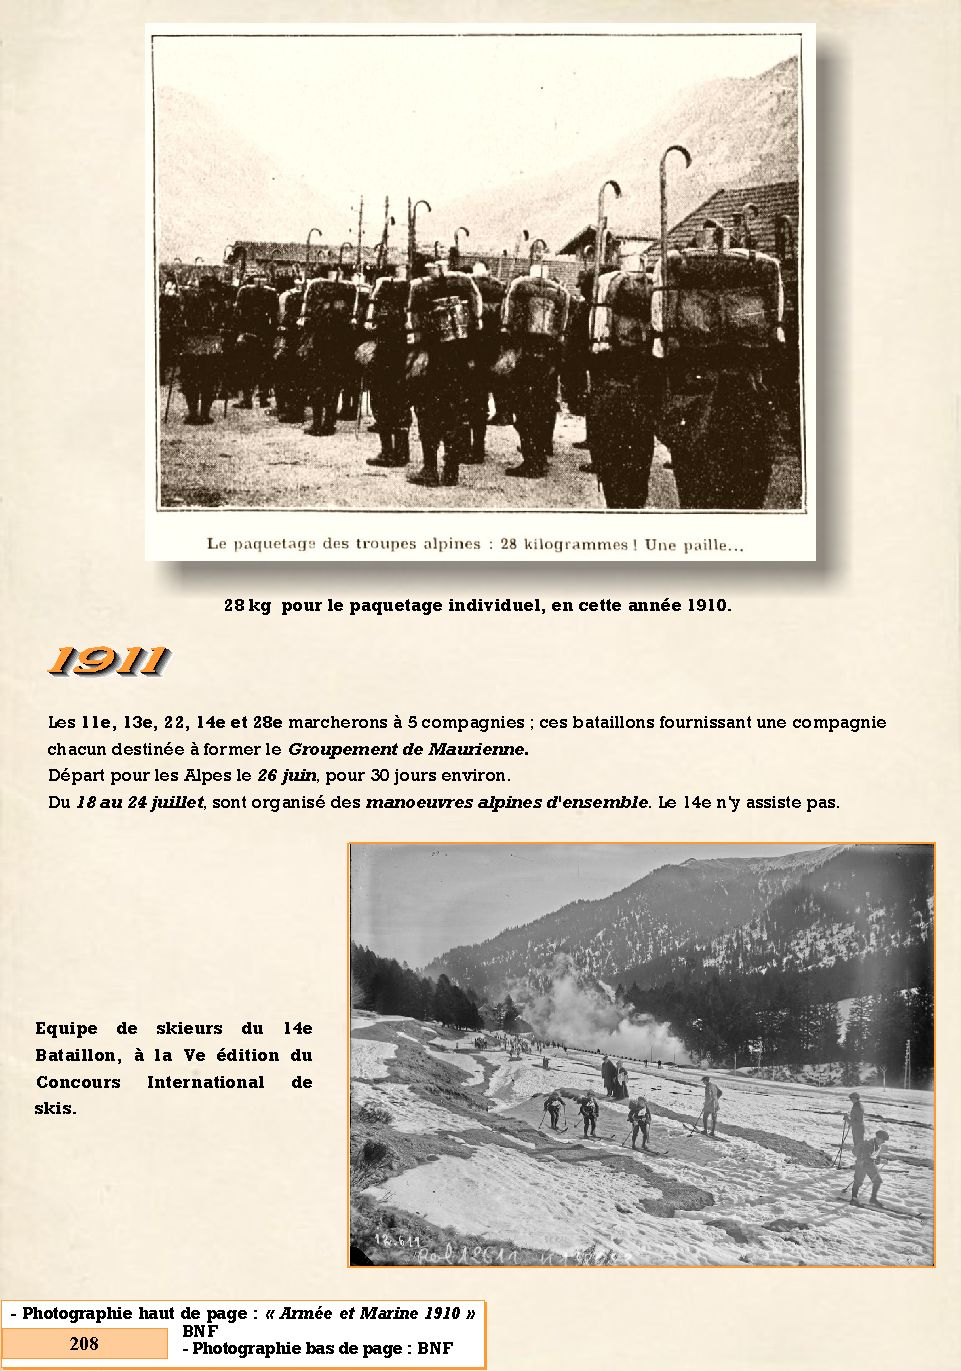 L'Historique du 14e Bataillon de Chasseurs. 1854 - 1962 208_pa10